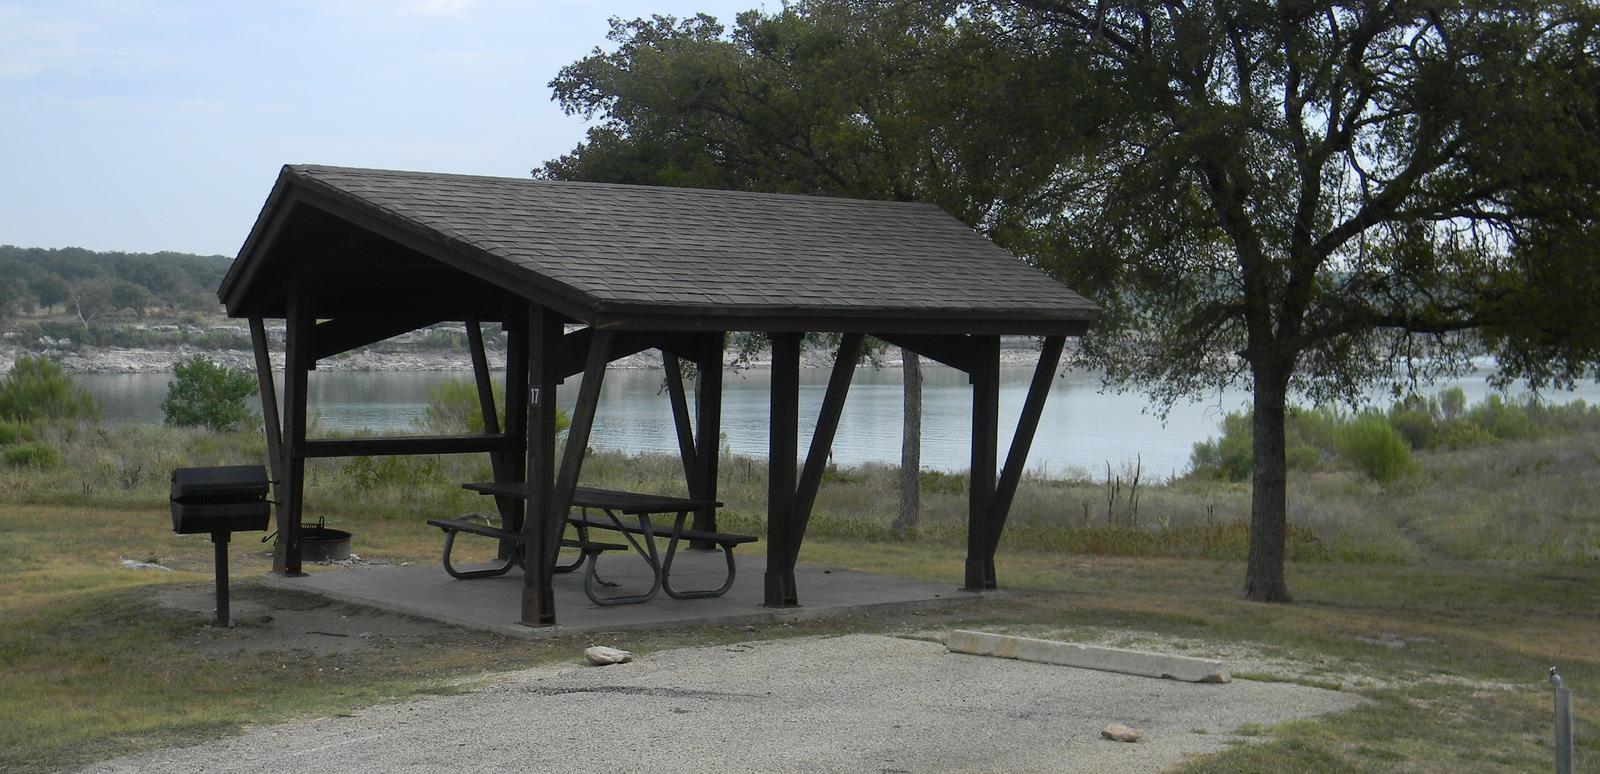 Cedar Breaks ParkScenic views at Cedar Breaks Park